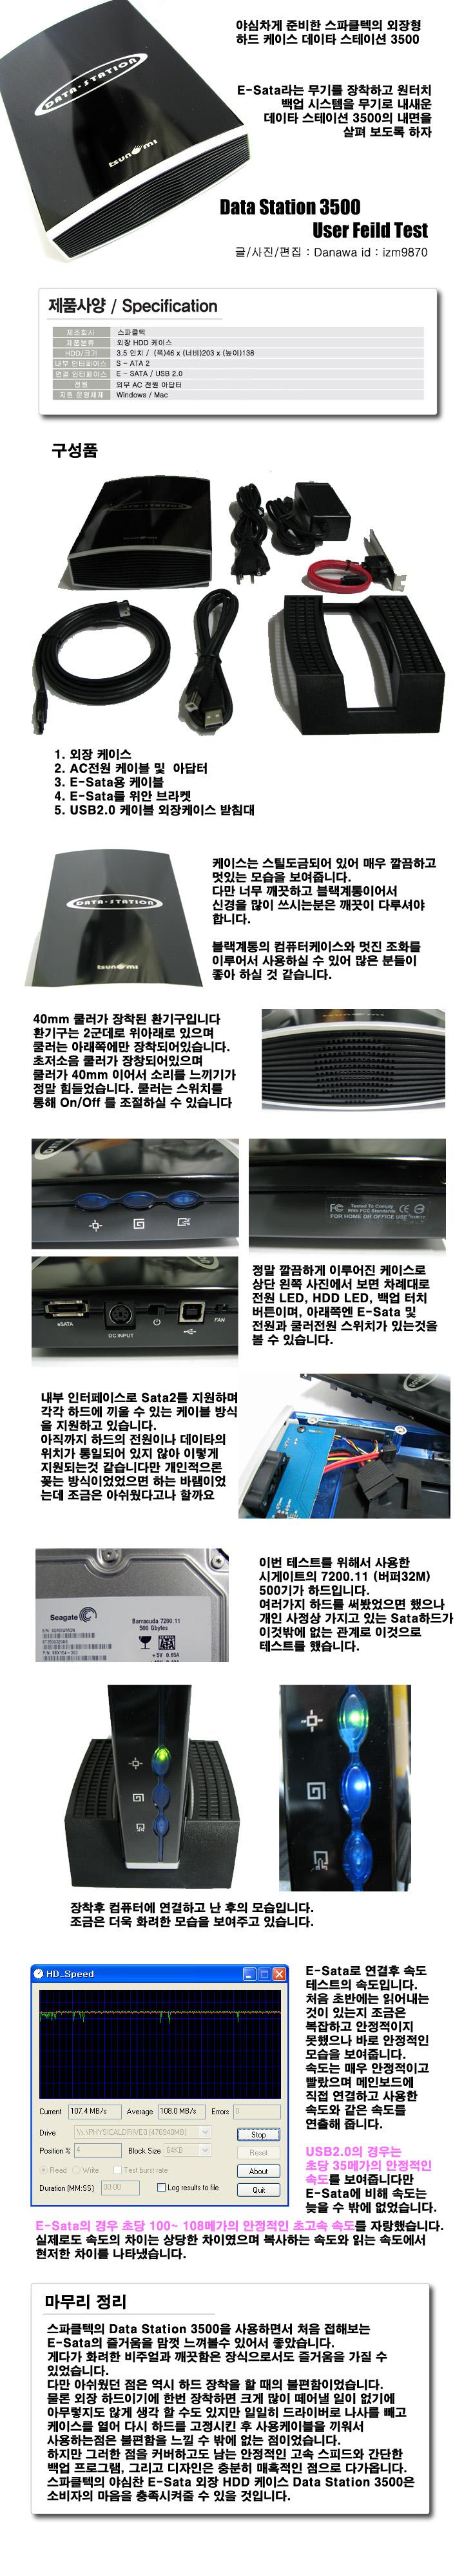 데이타 스테이션 3500의 사용기